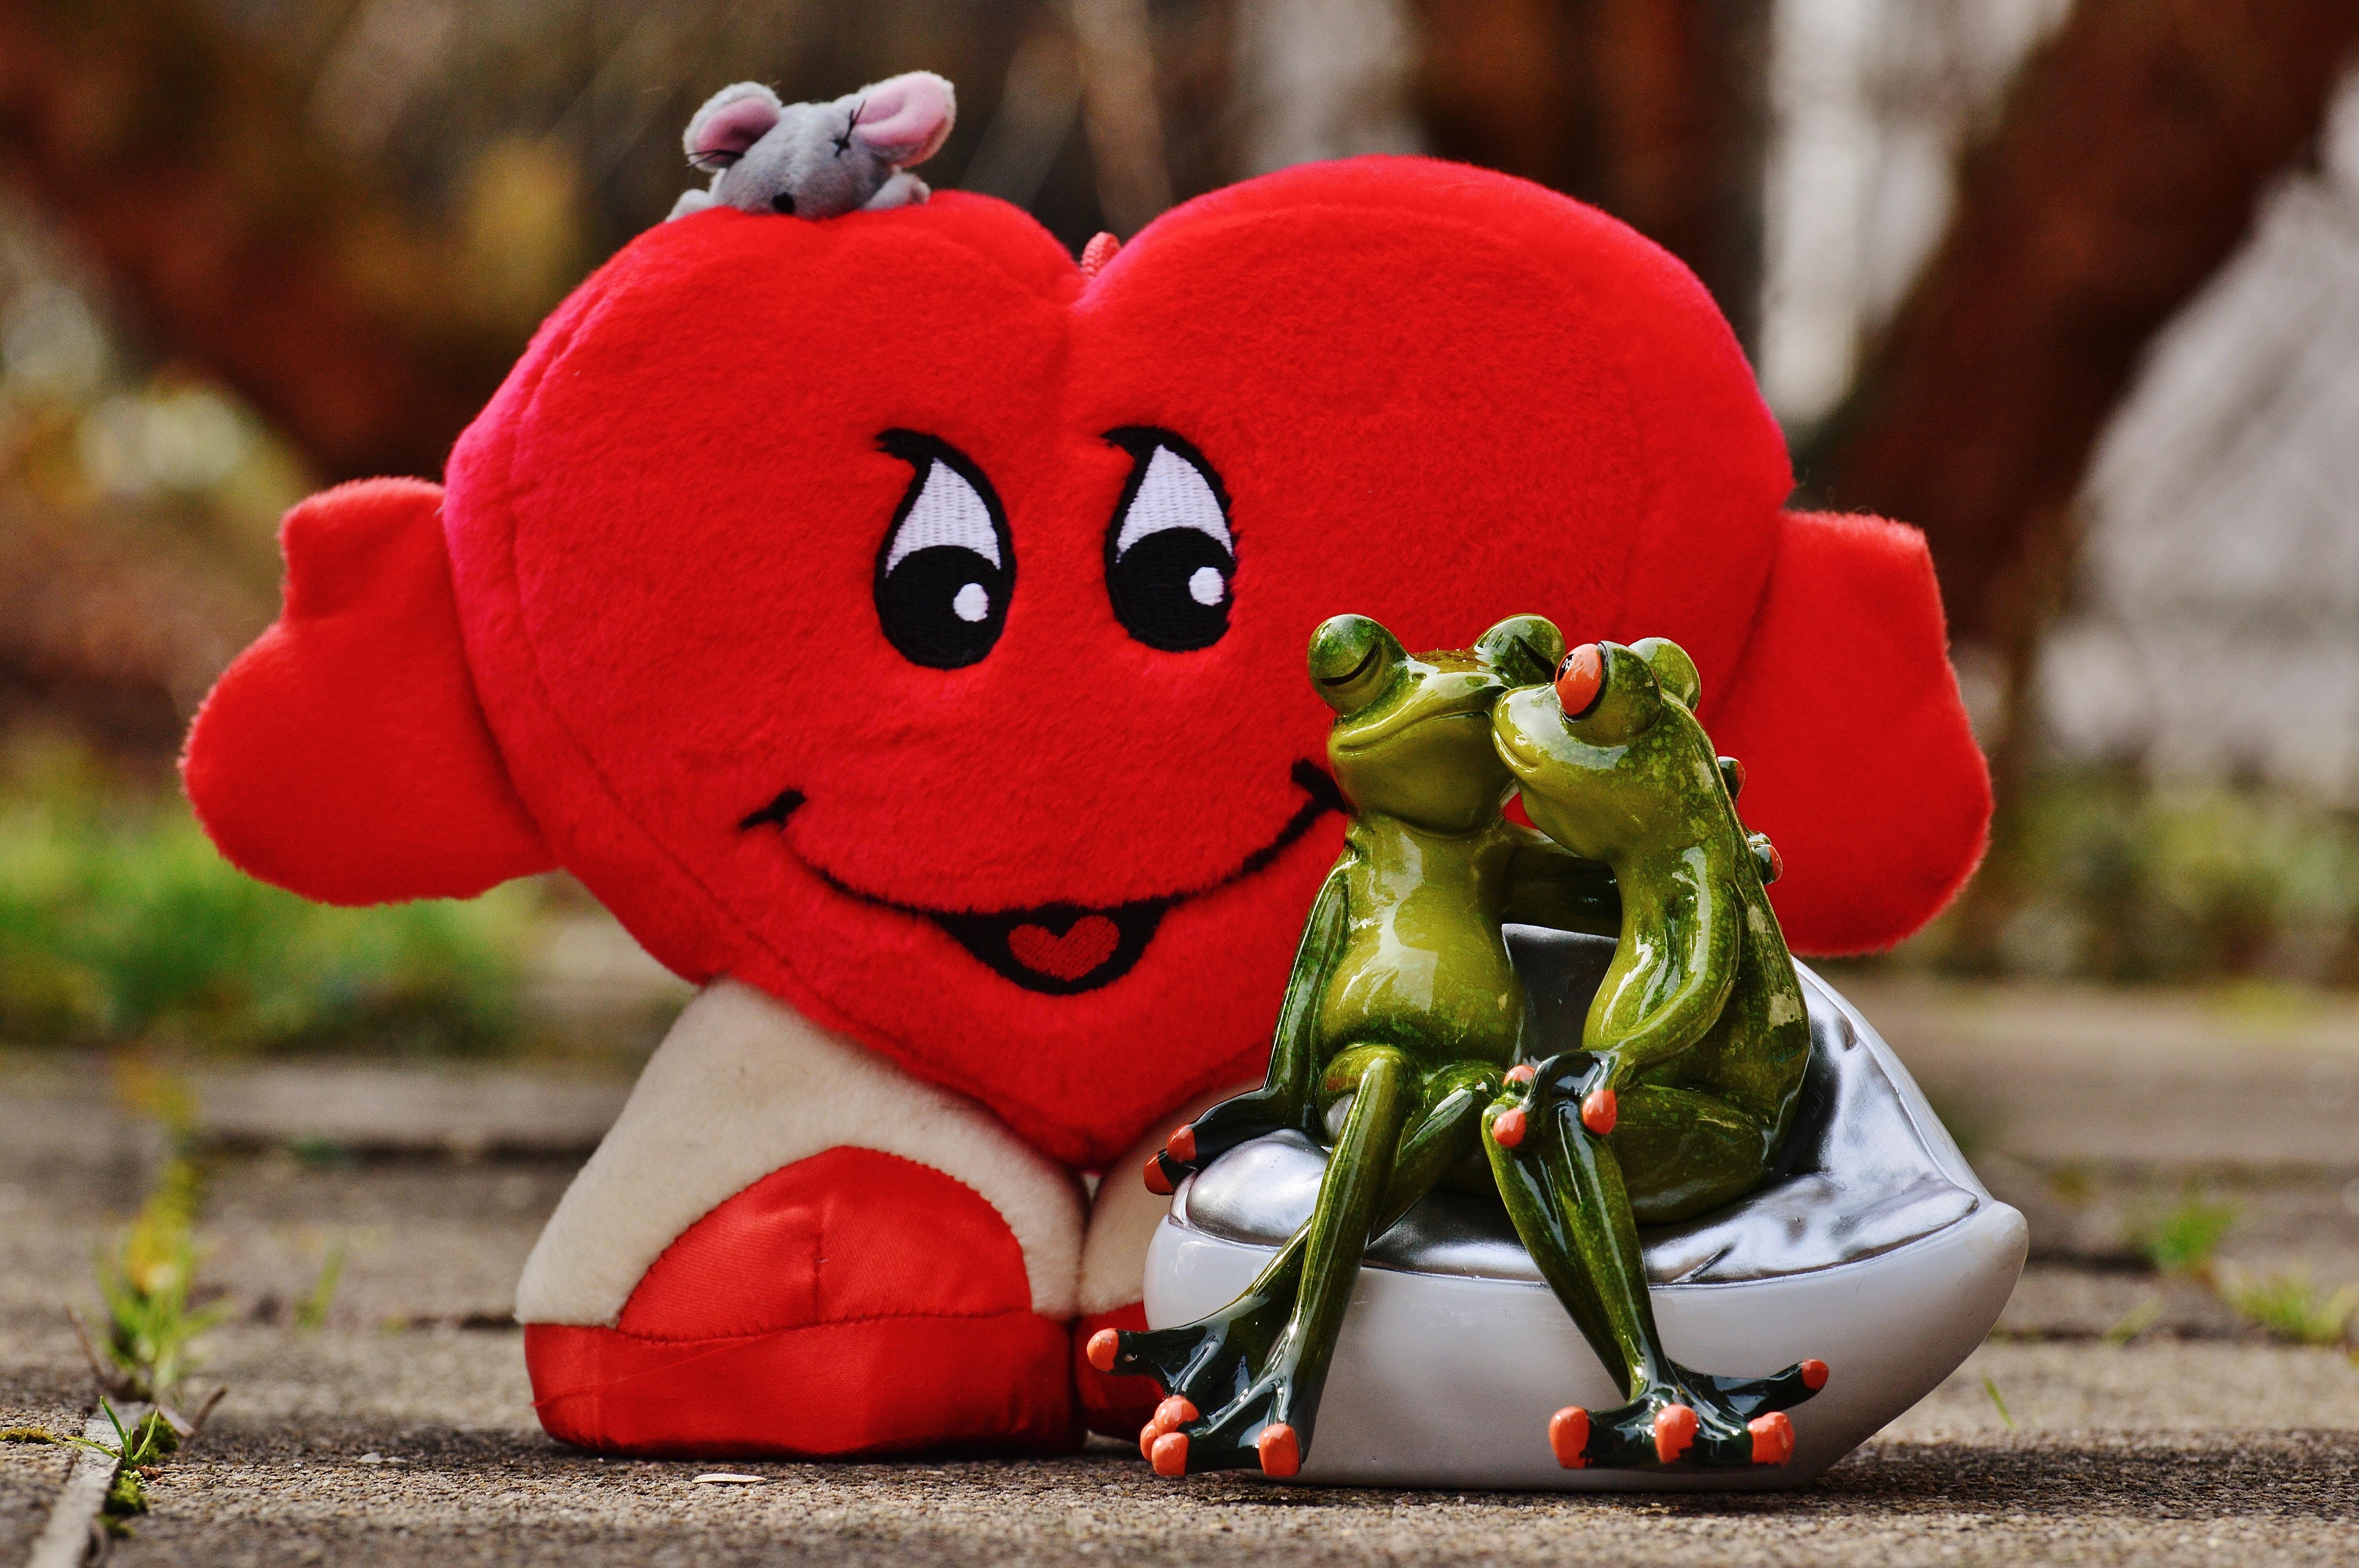 Gambar Manis Bunga Imut Jantung Merah Ciuman